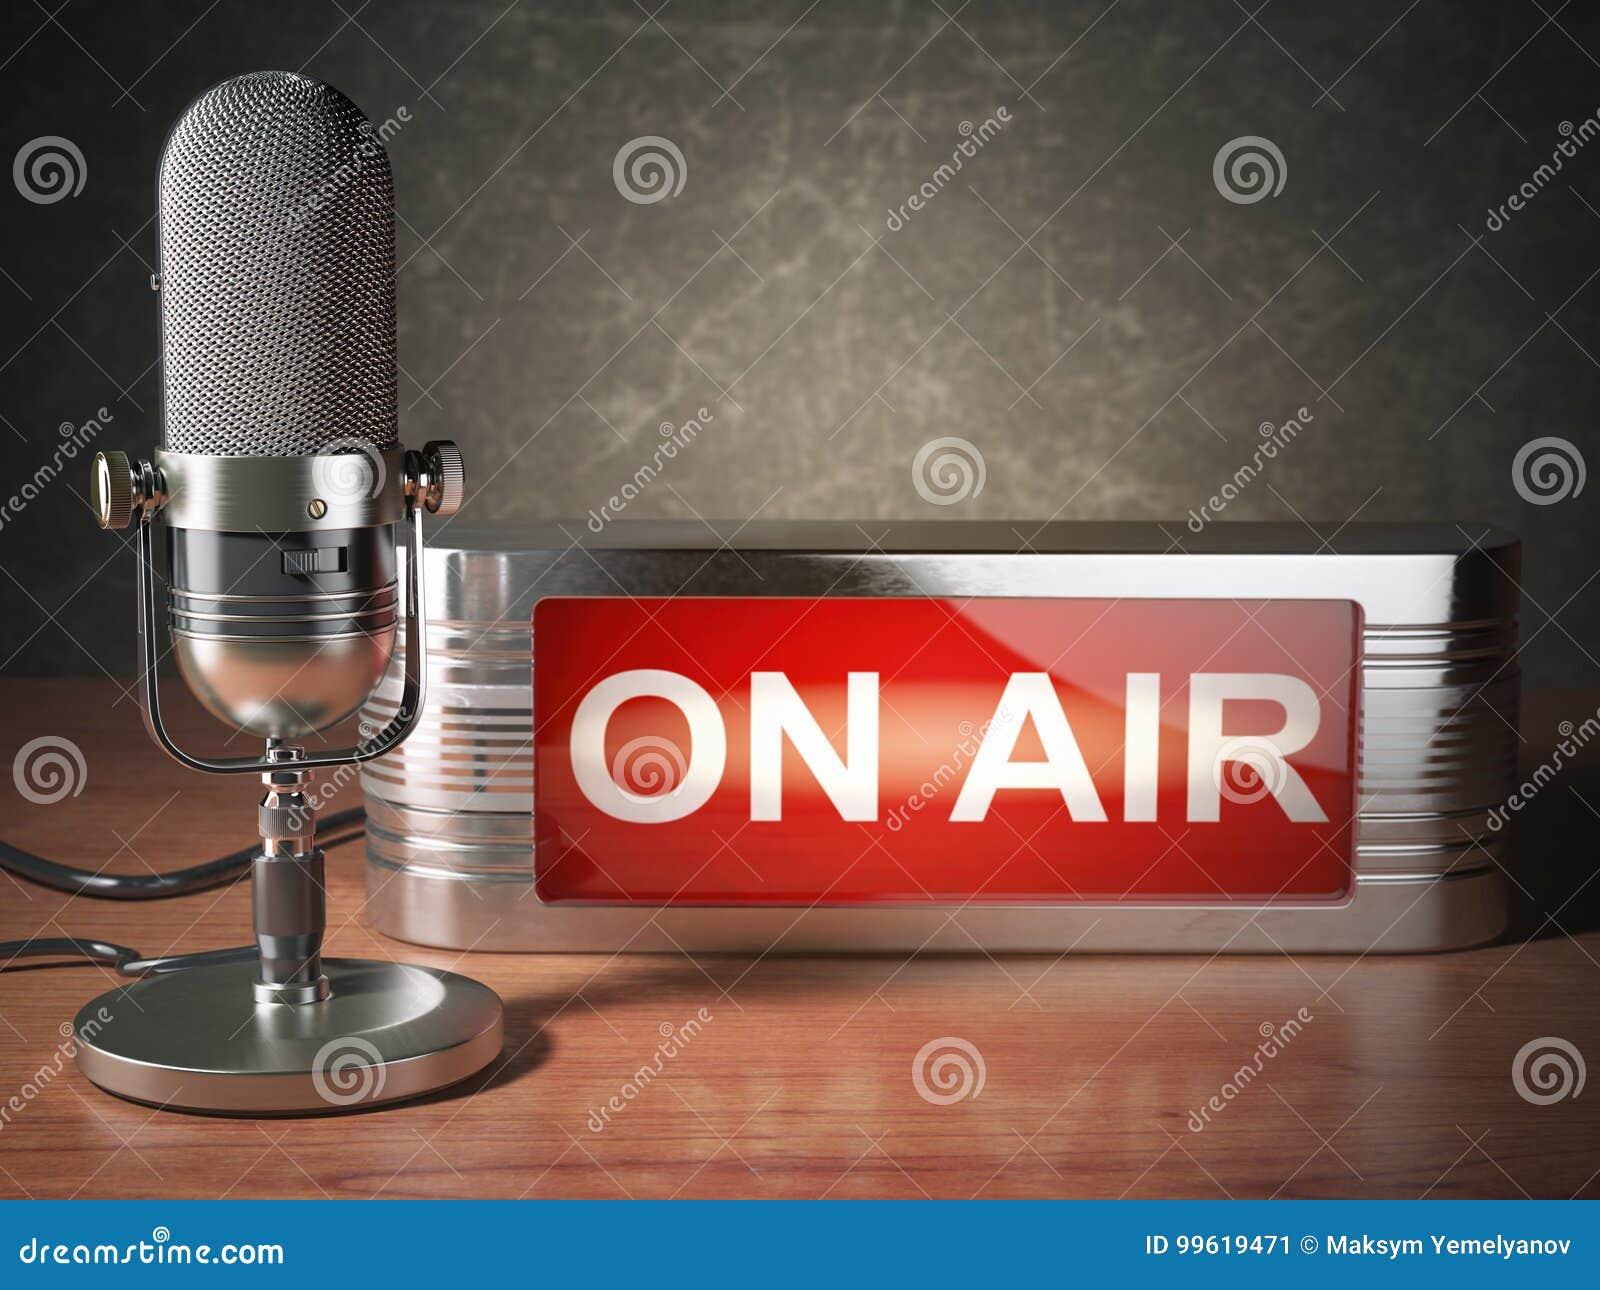 Micrófono del vintage con el letrero en el aire Concepto de la estación de radio de difusión